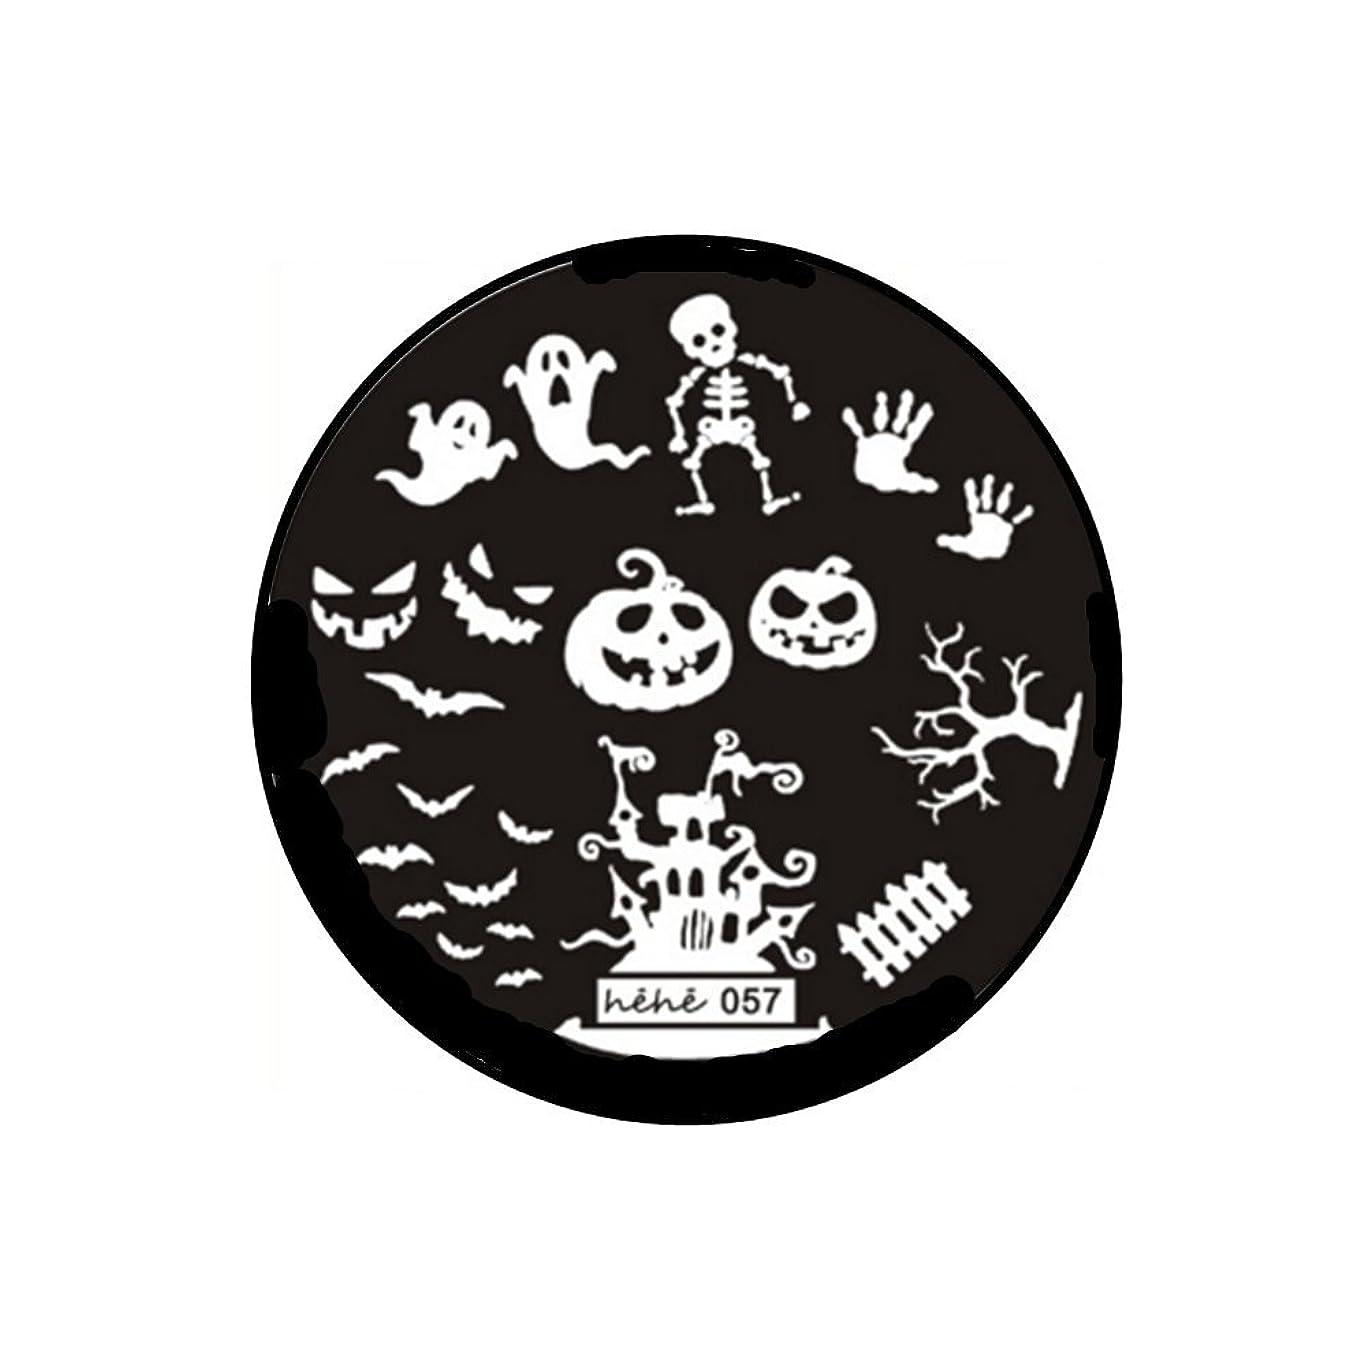 浮く究極の柱1枚 スタンピングプレート 【 ハロウィンテーマ ネイル ジェルネイル ネイルアート ネイルスタンプ ネイル スタンプ 】heheイメージプレート